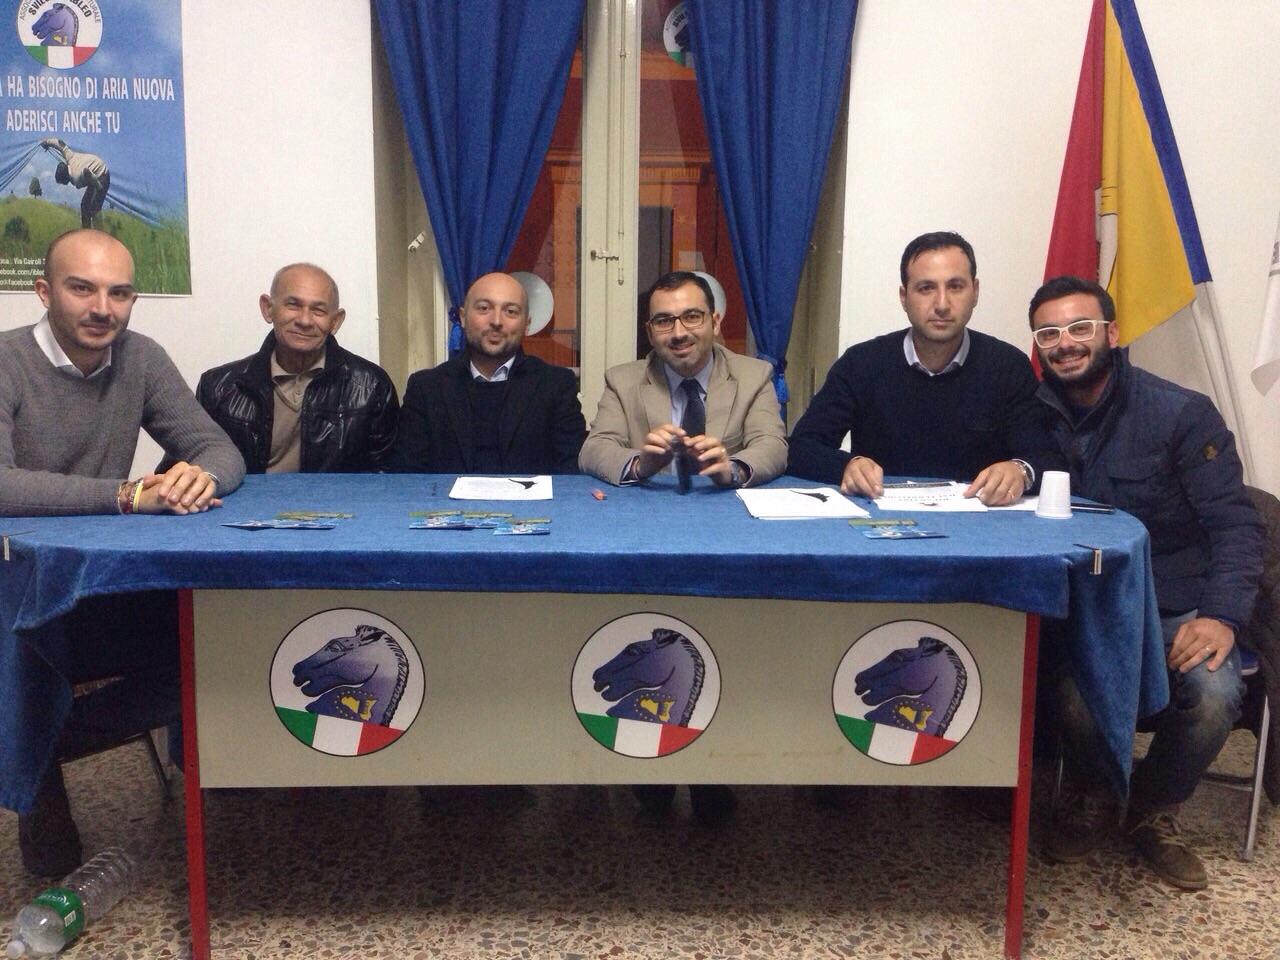 Vittoria. Riunione per definire le nuove direttive del movimento politico Sviluppo Ibleo